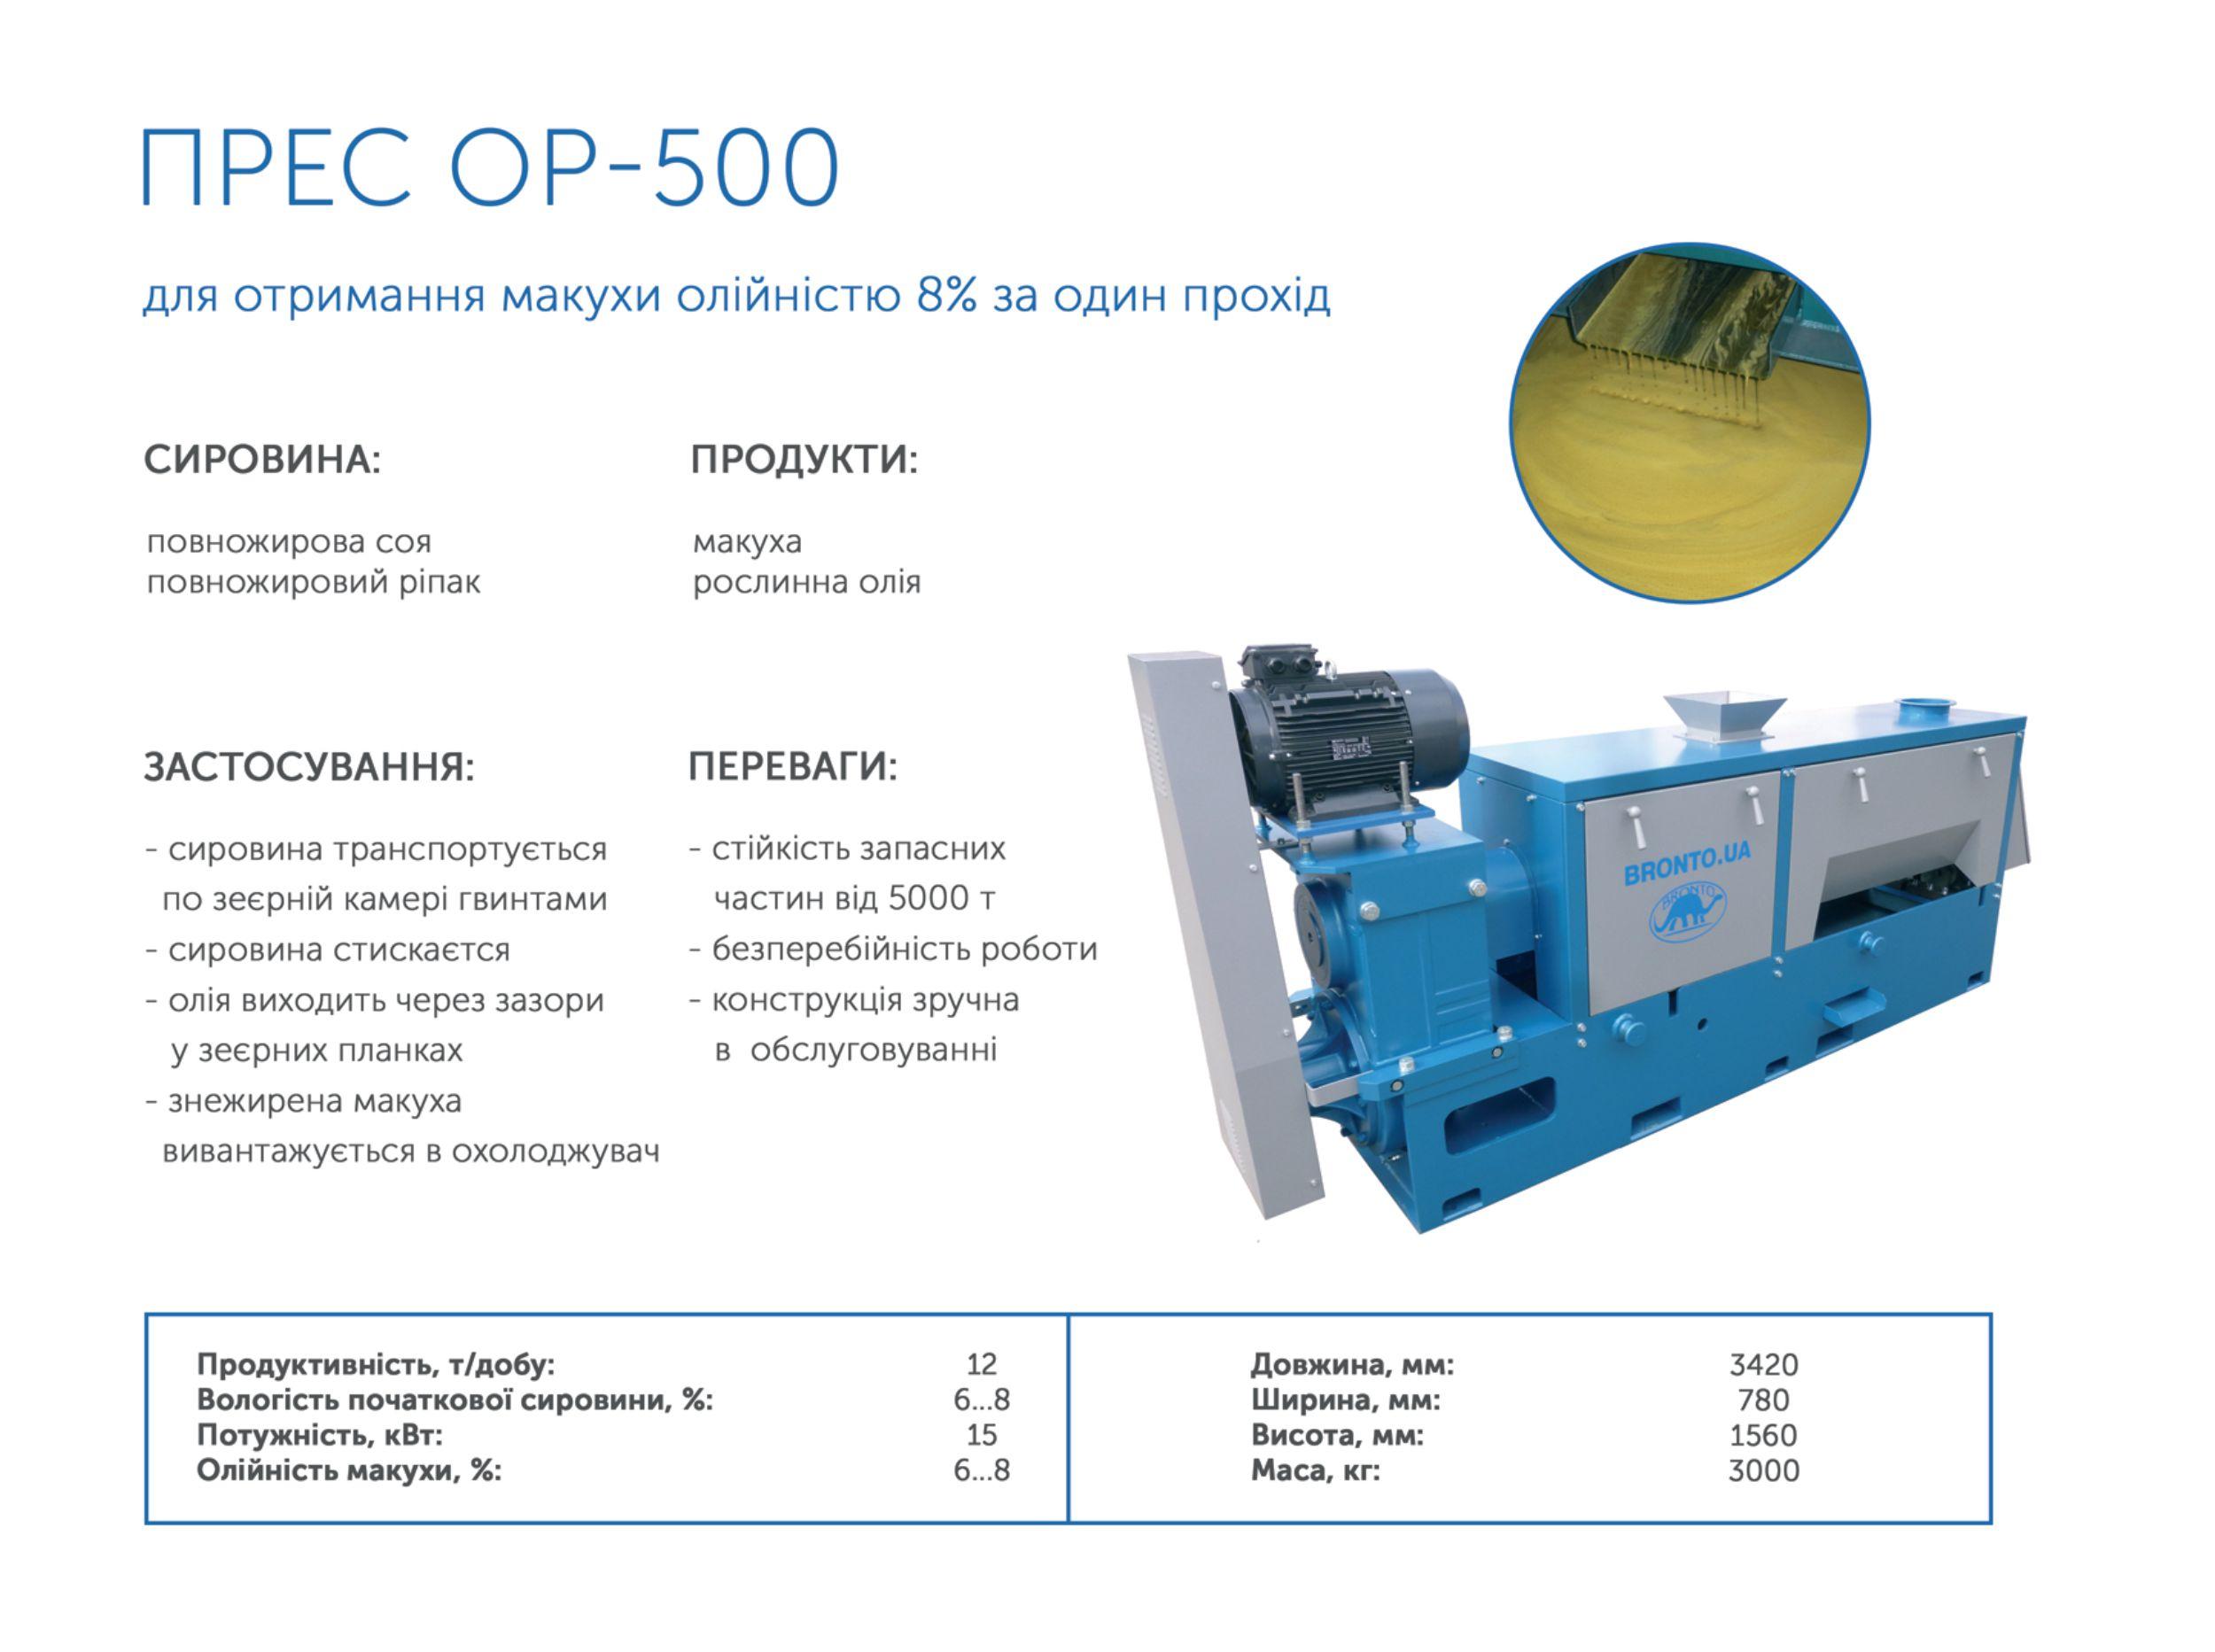 Купуйте олійний прес - ціни найкращі в Україні!